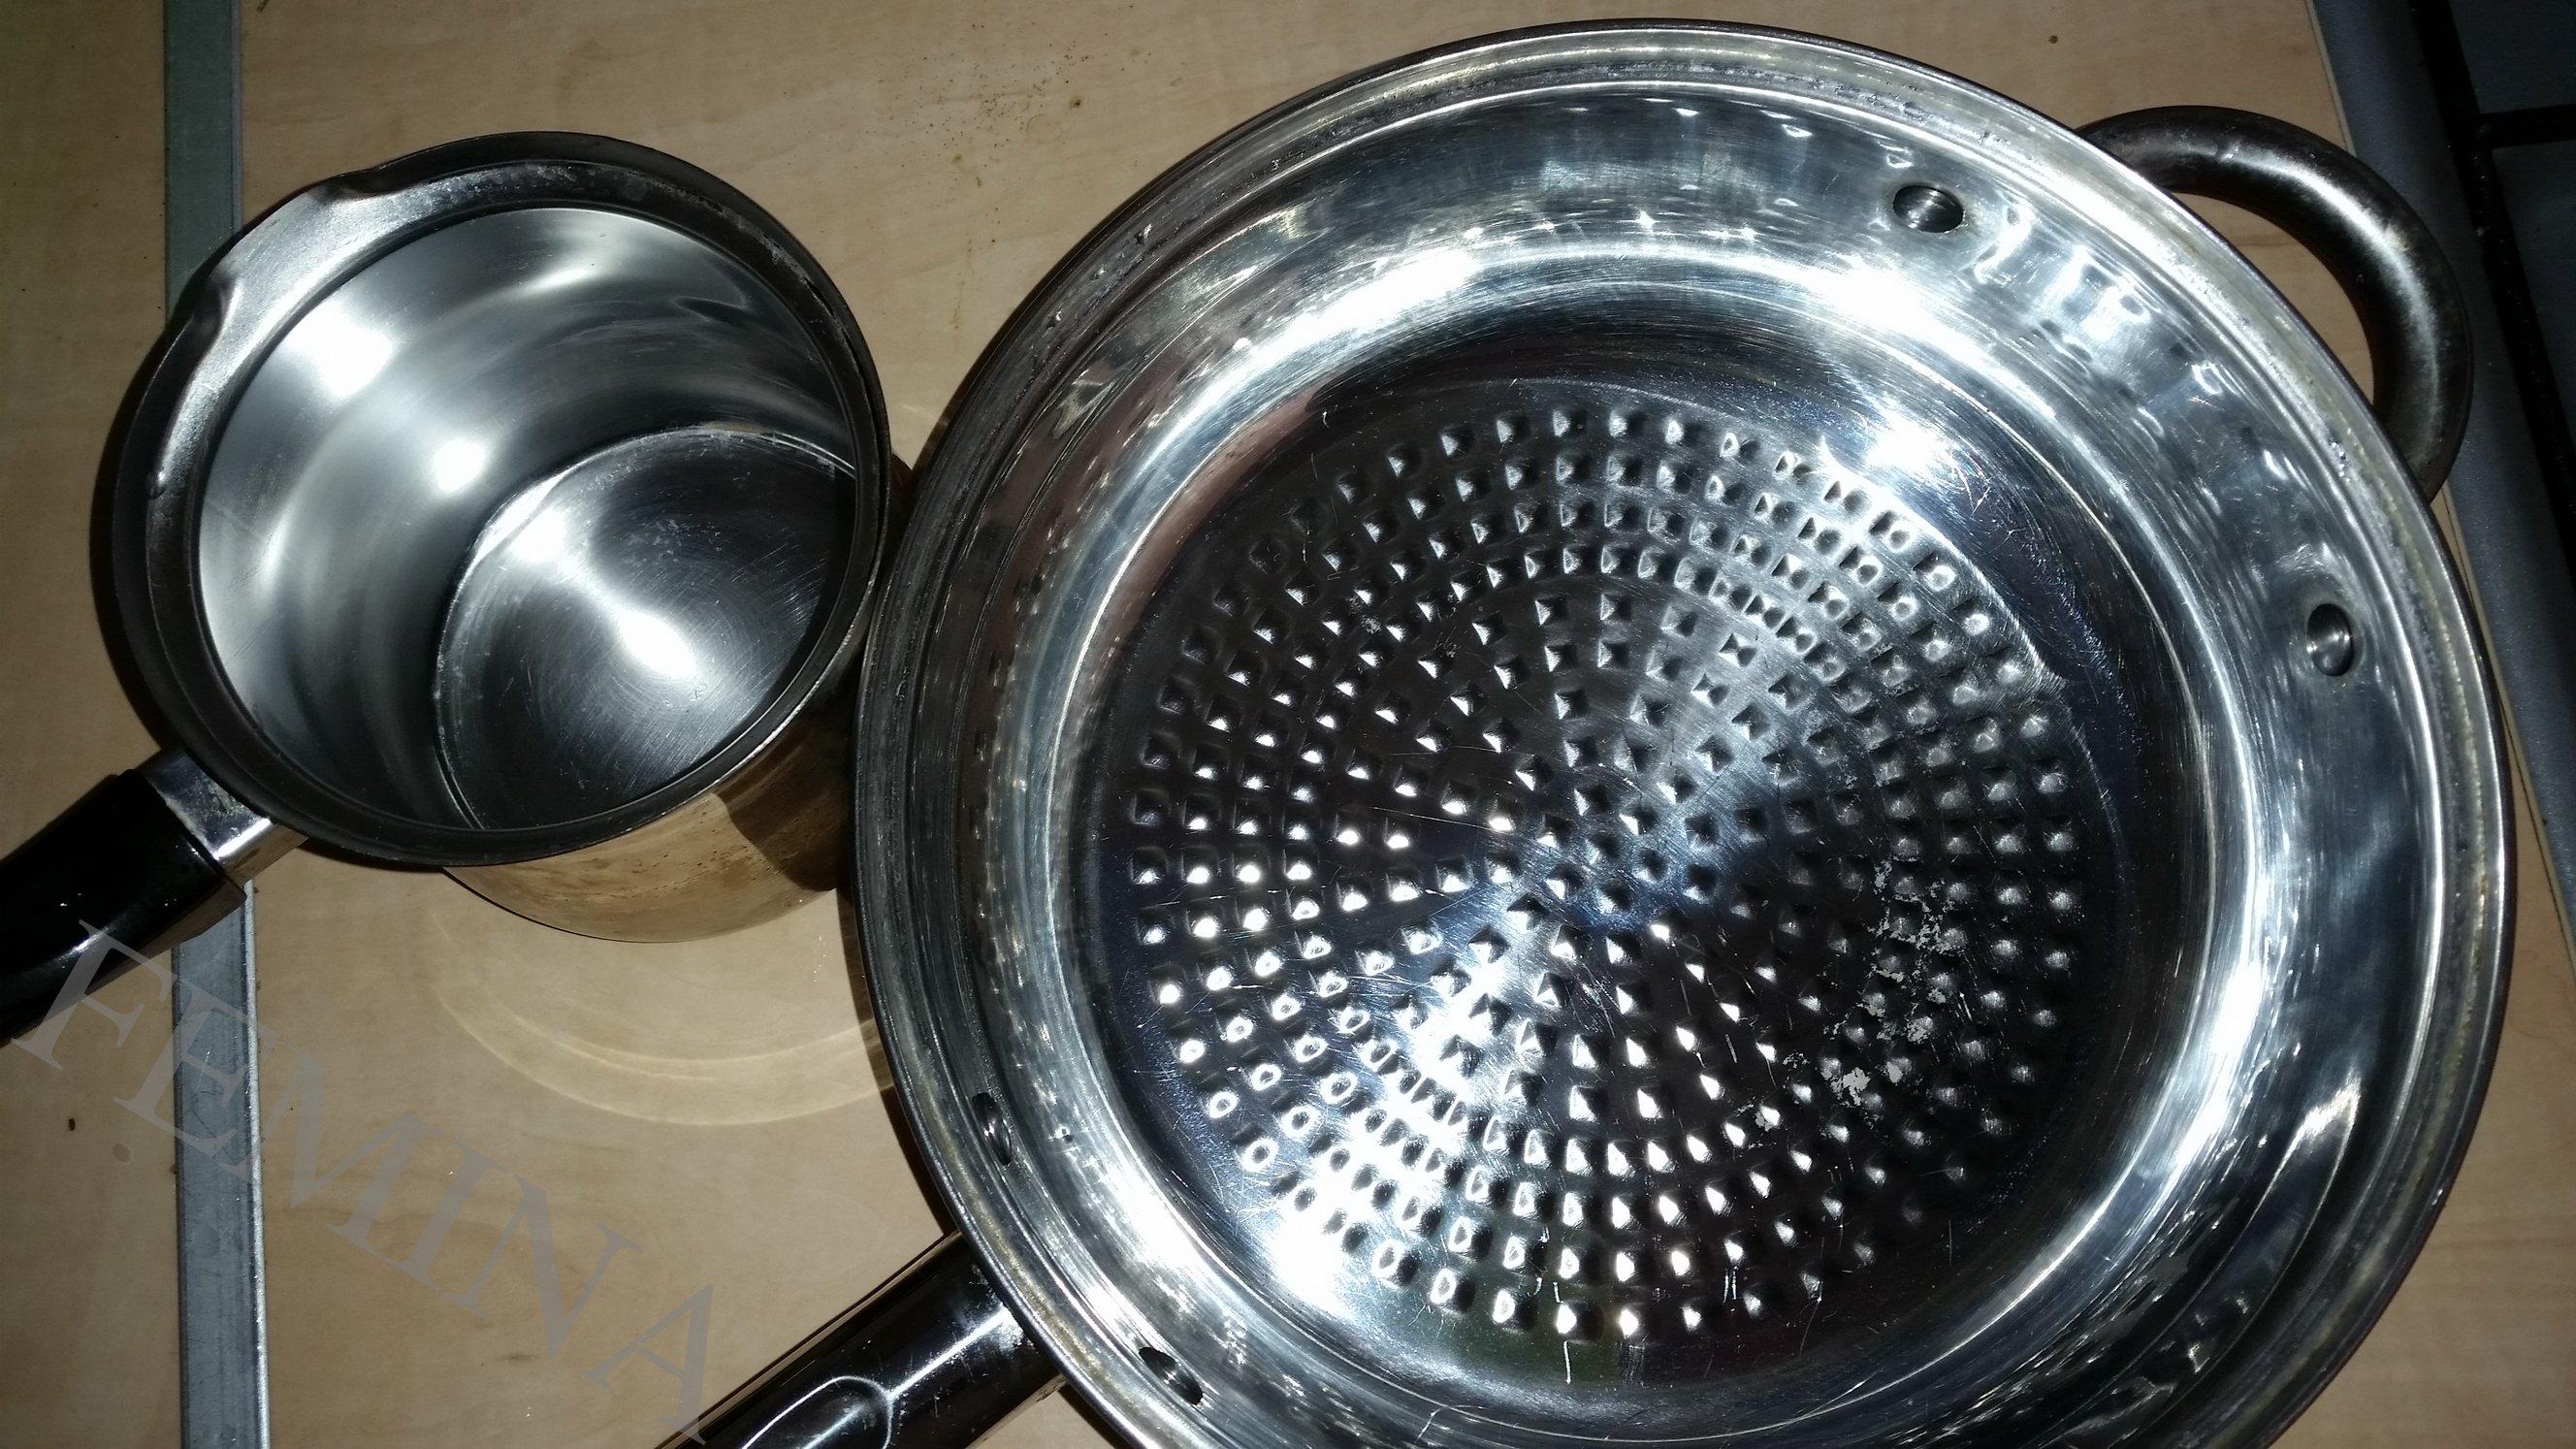 Čudo-pasta za čišćenje zagorele masnoće sa sudova.